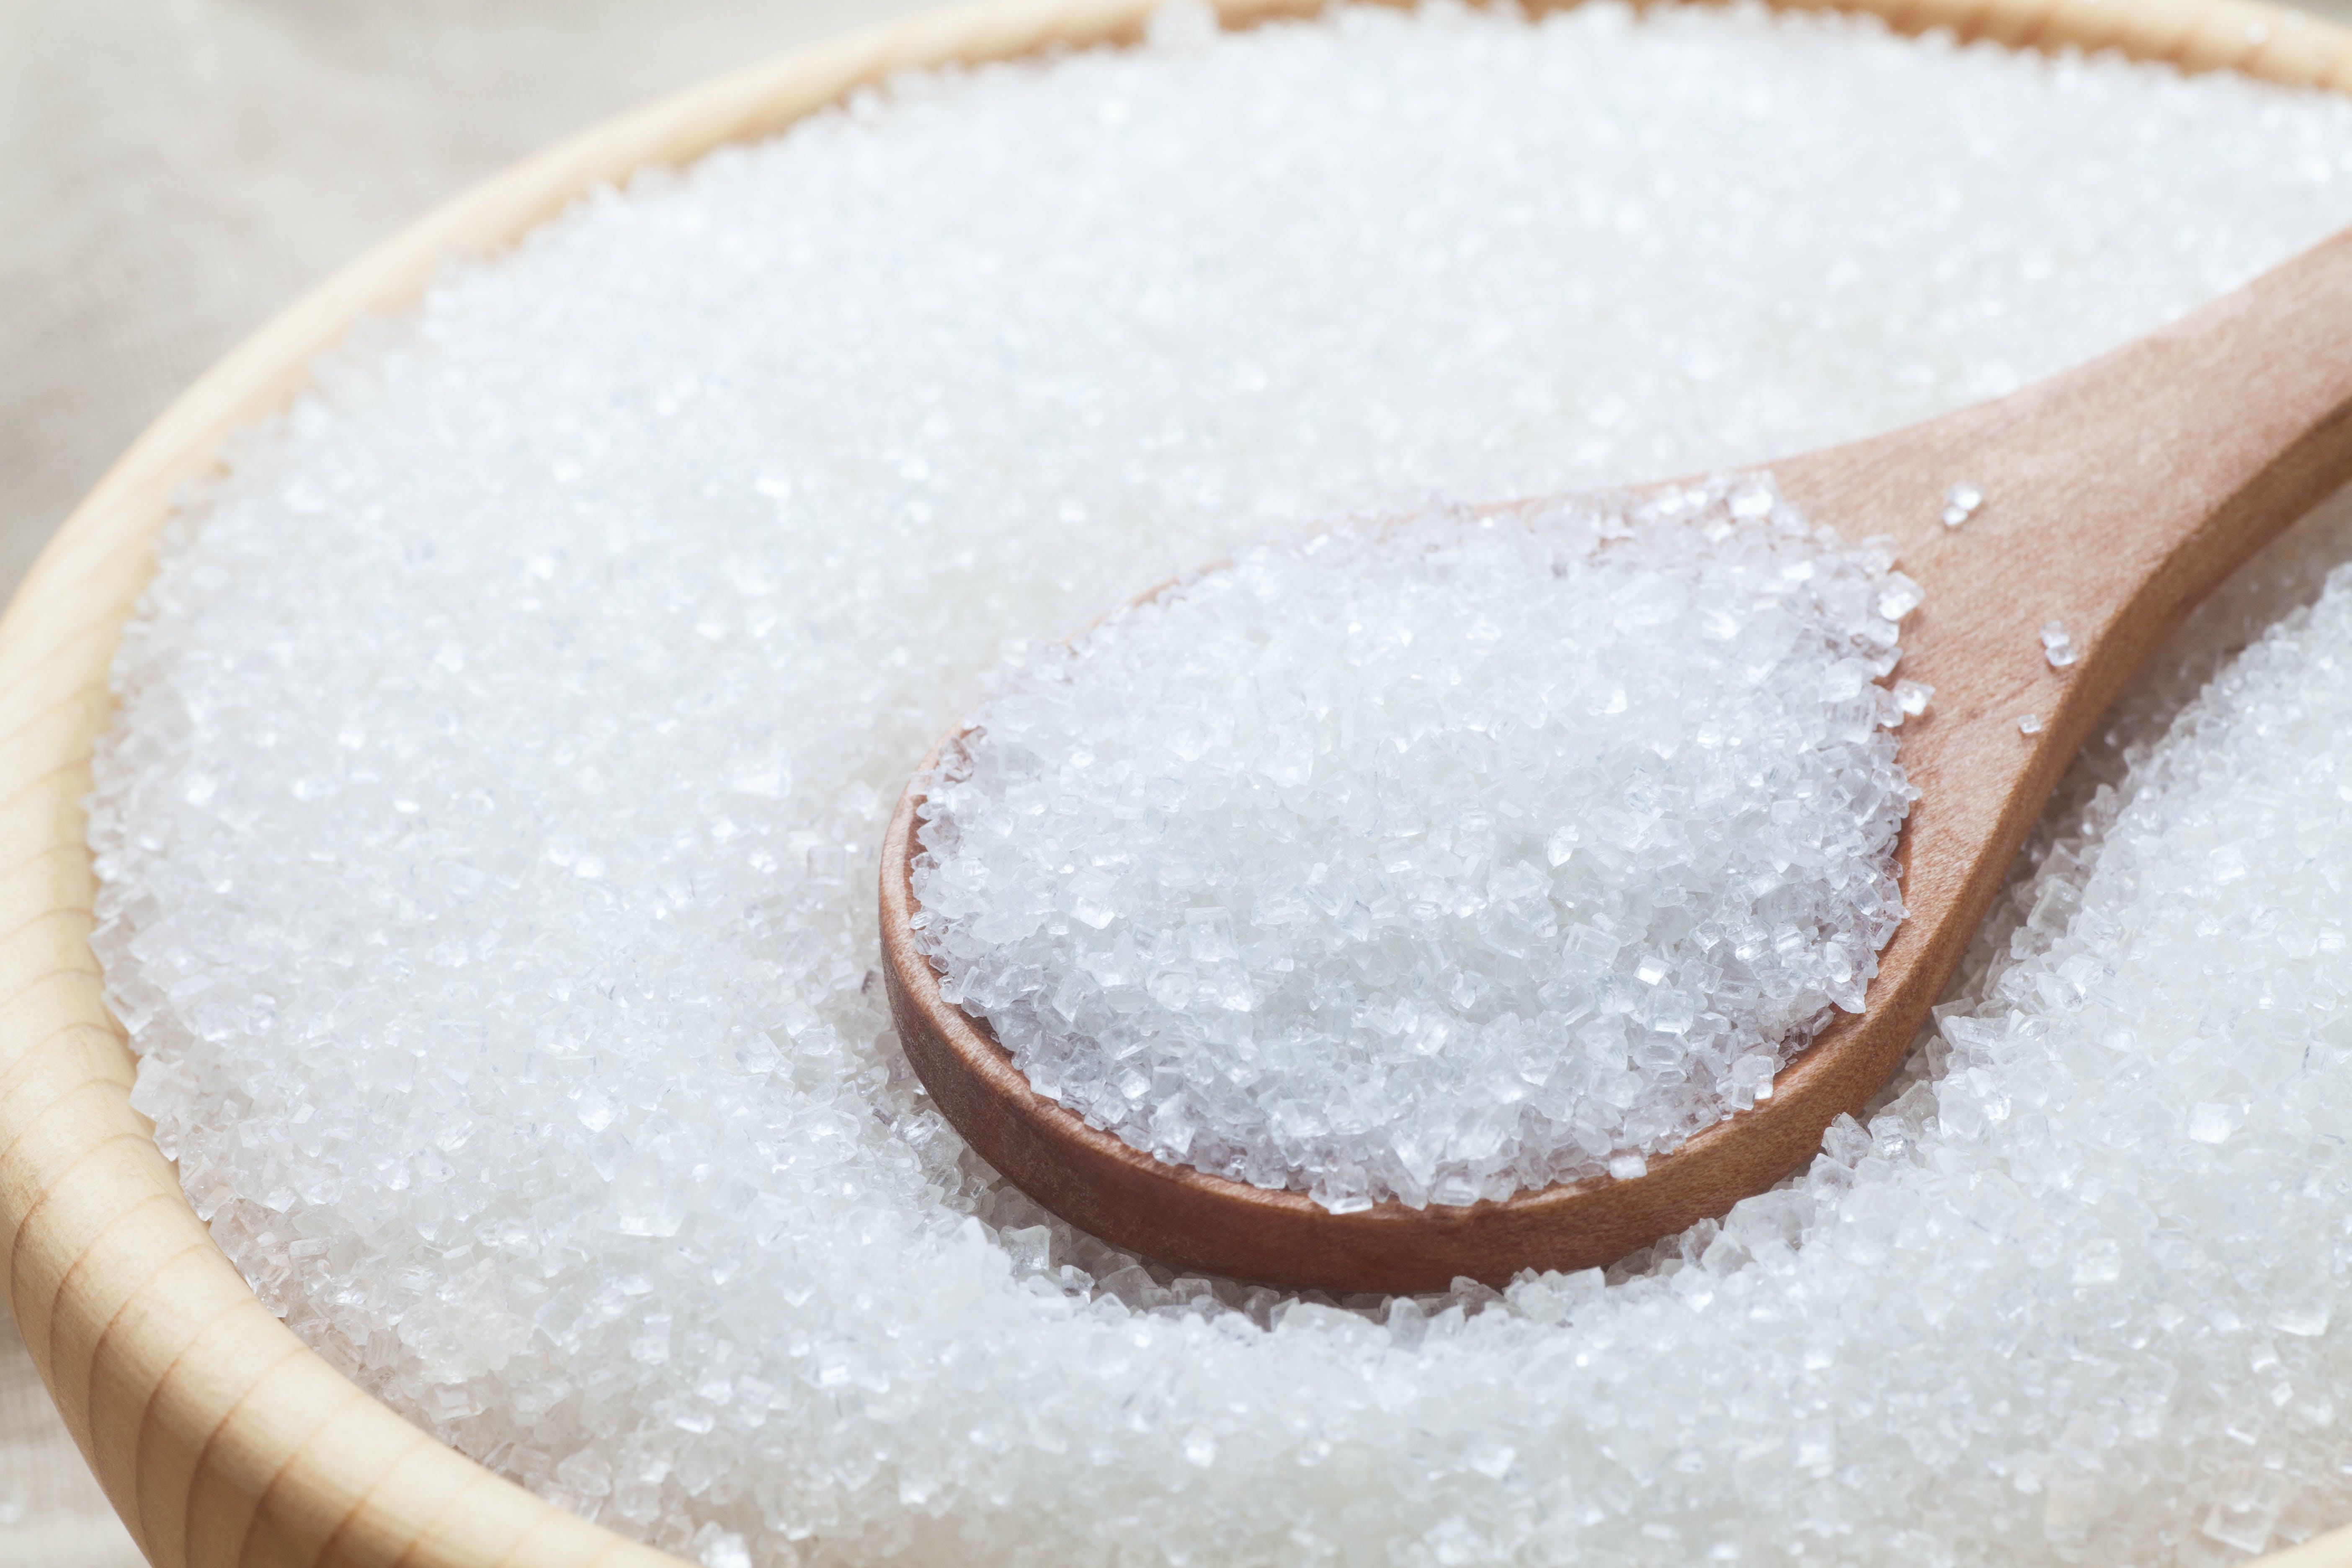 Kraftig minskning av sockerförbrukningen i Sverige